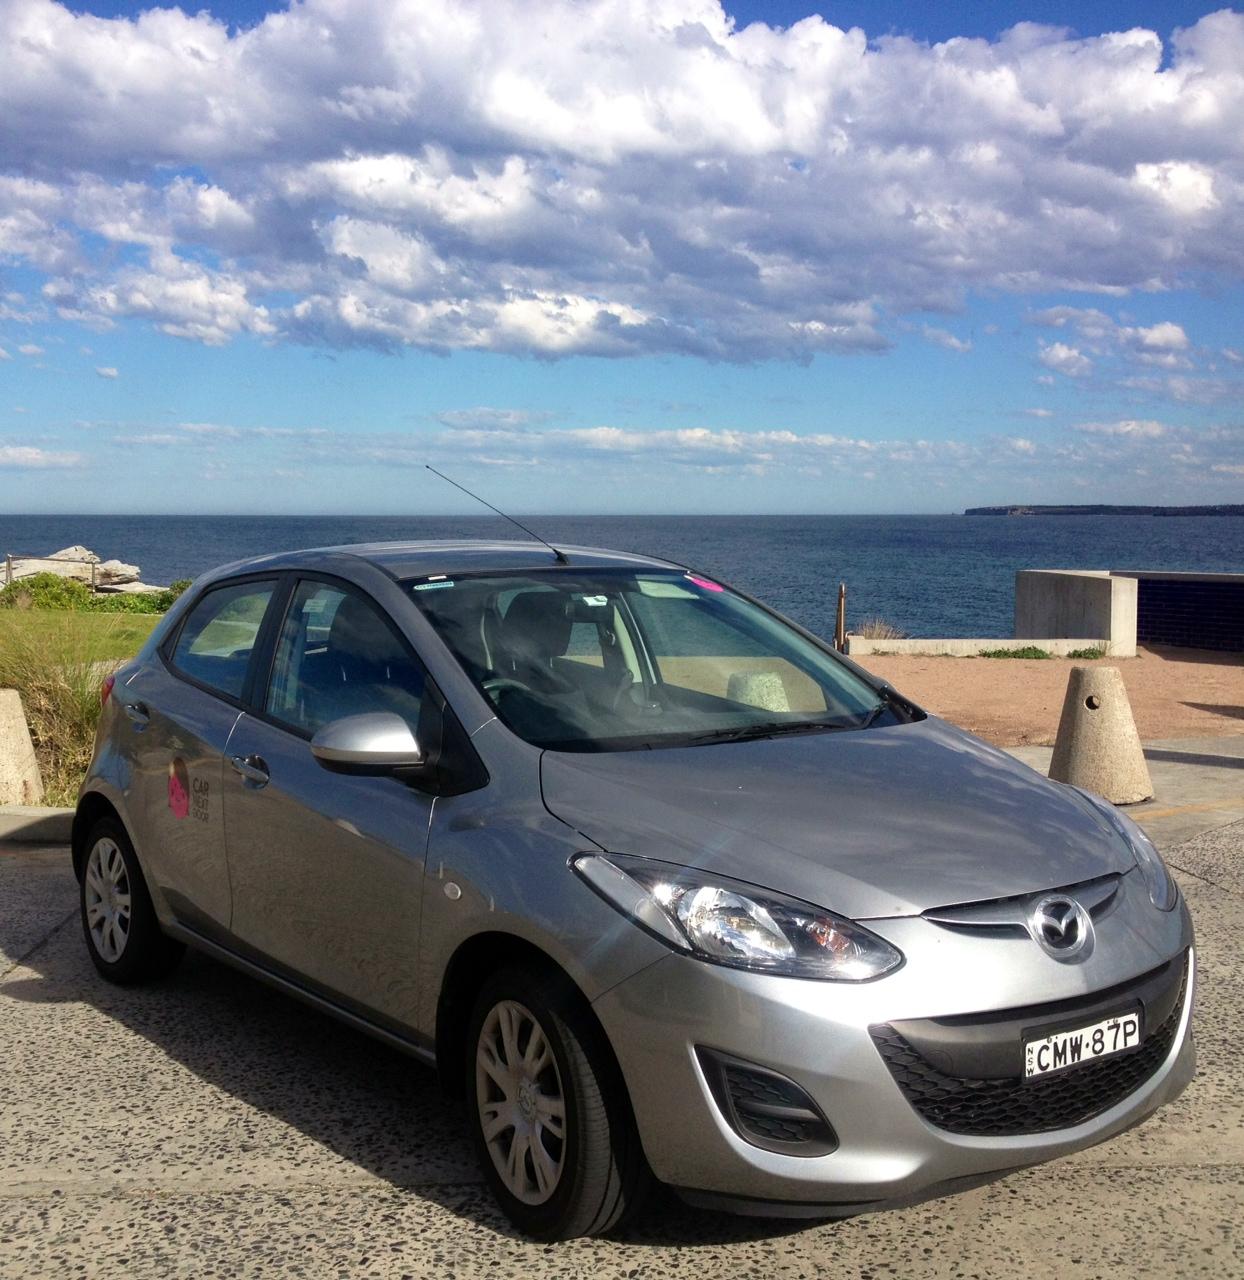 Picture of Michelle's 2013 Mazda Mazda 2